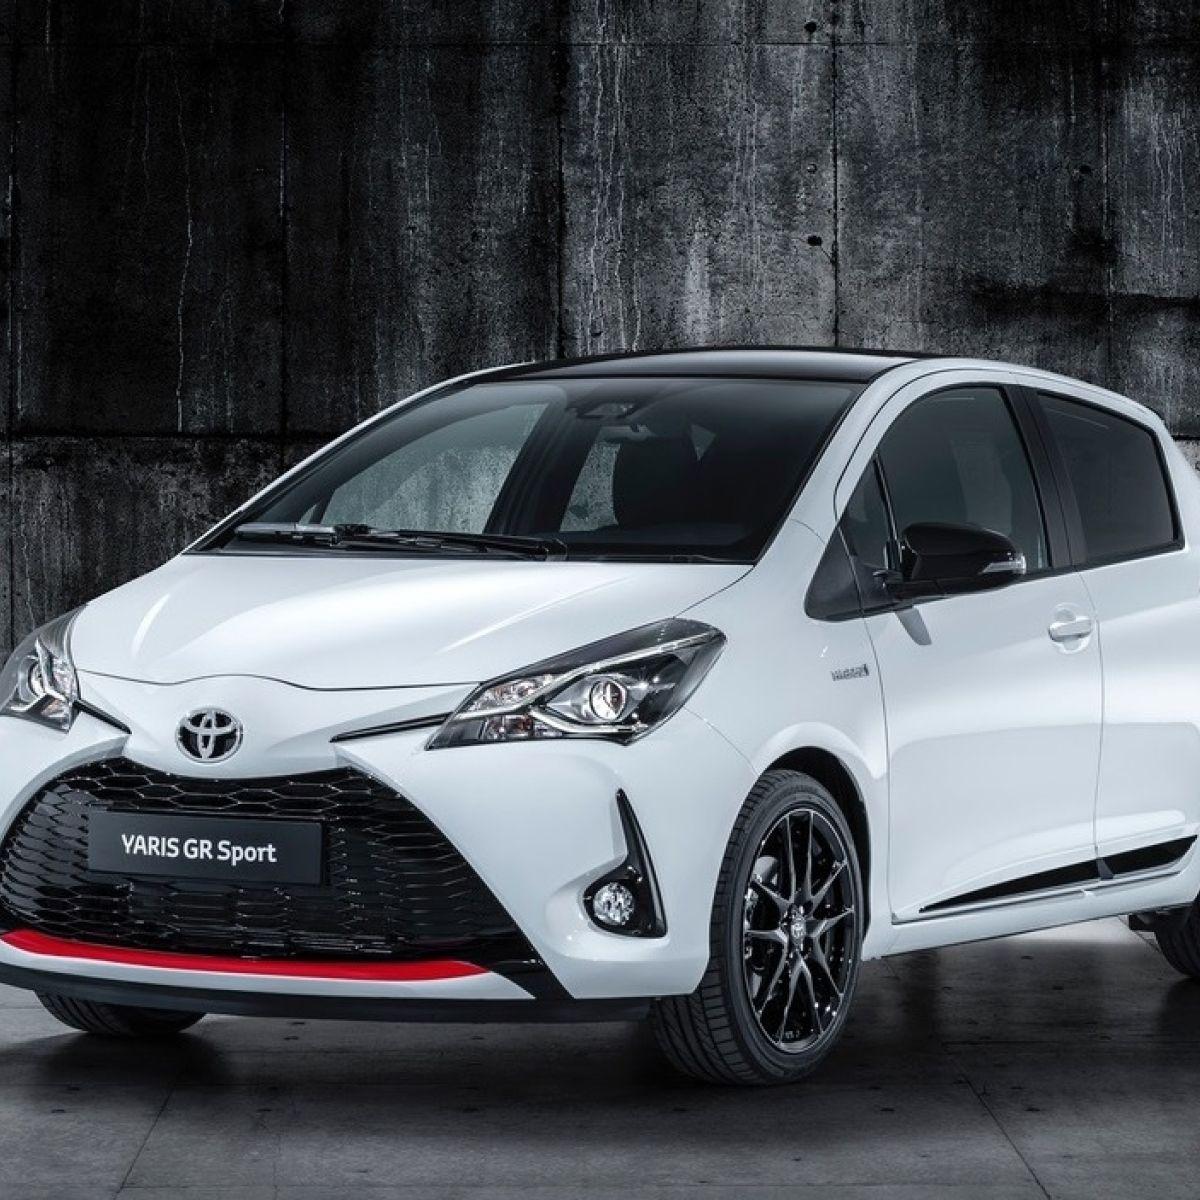 Yaris gets a €23,000 hot hatch hybrid model